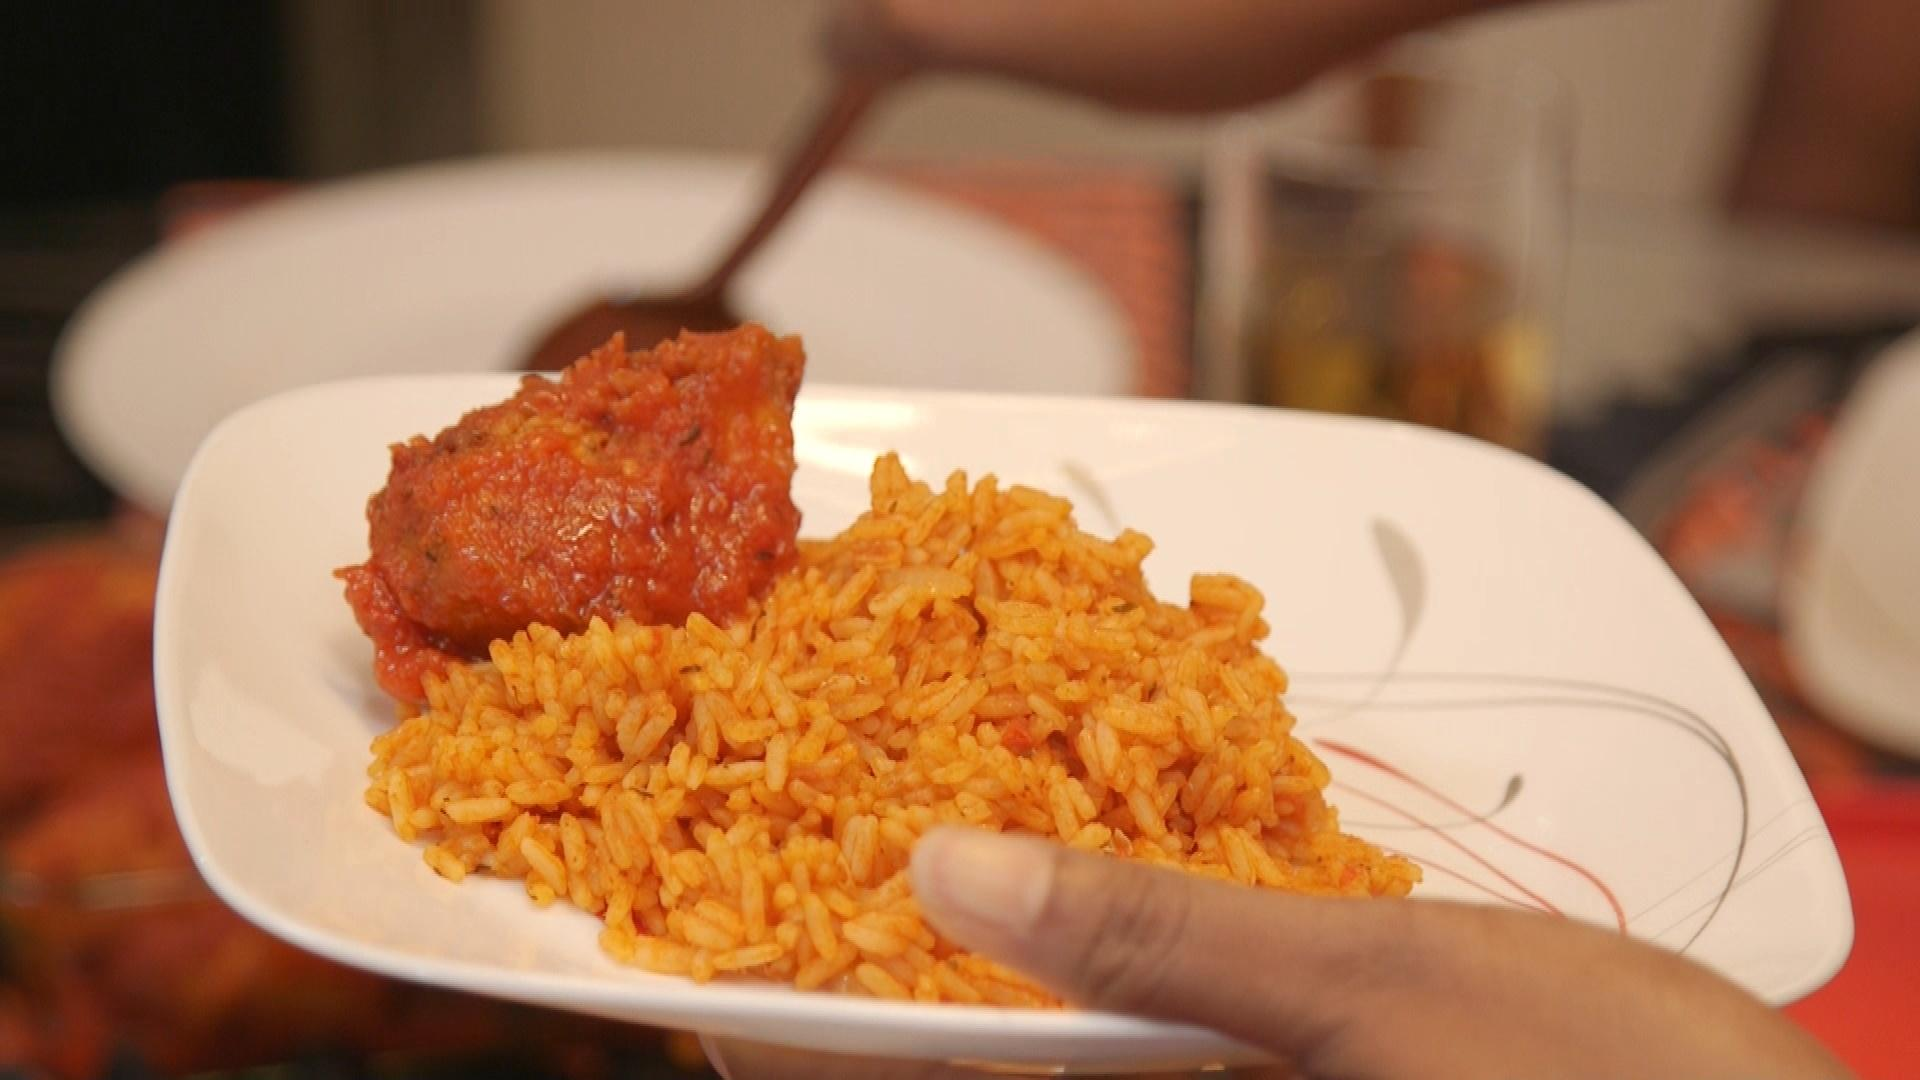 Nigerian Jollof RIce on dinner plate